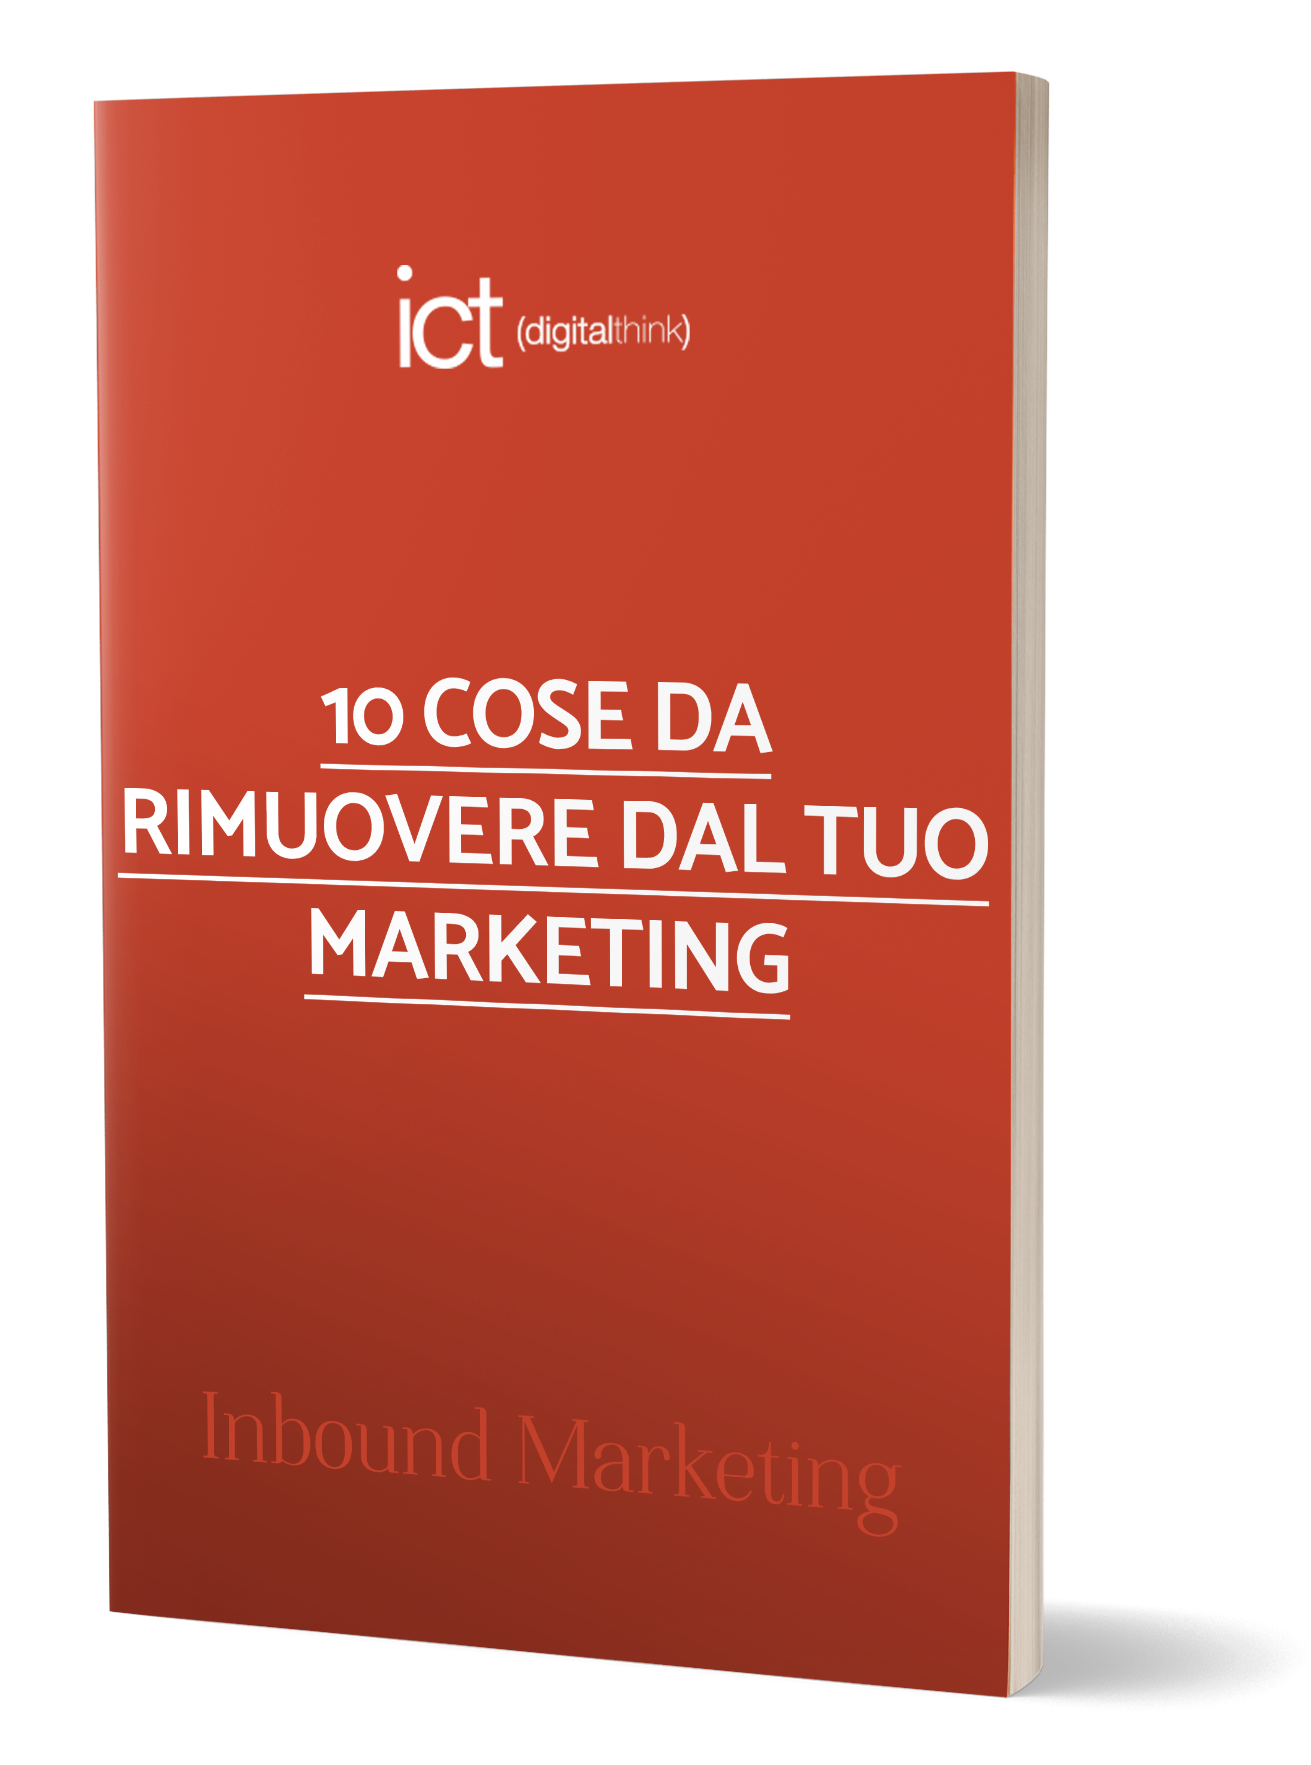 10 Cose da rimuovere dal tuo marketing